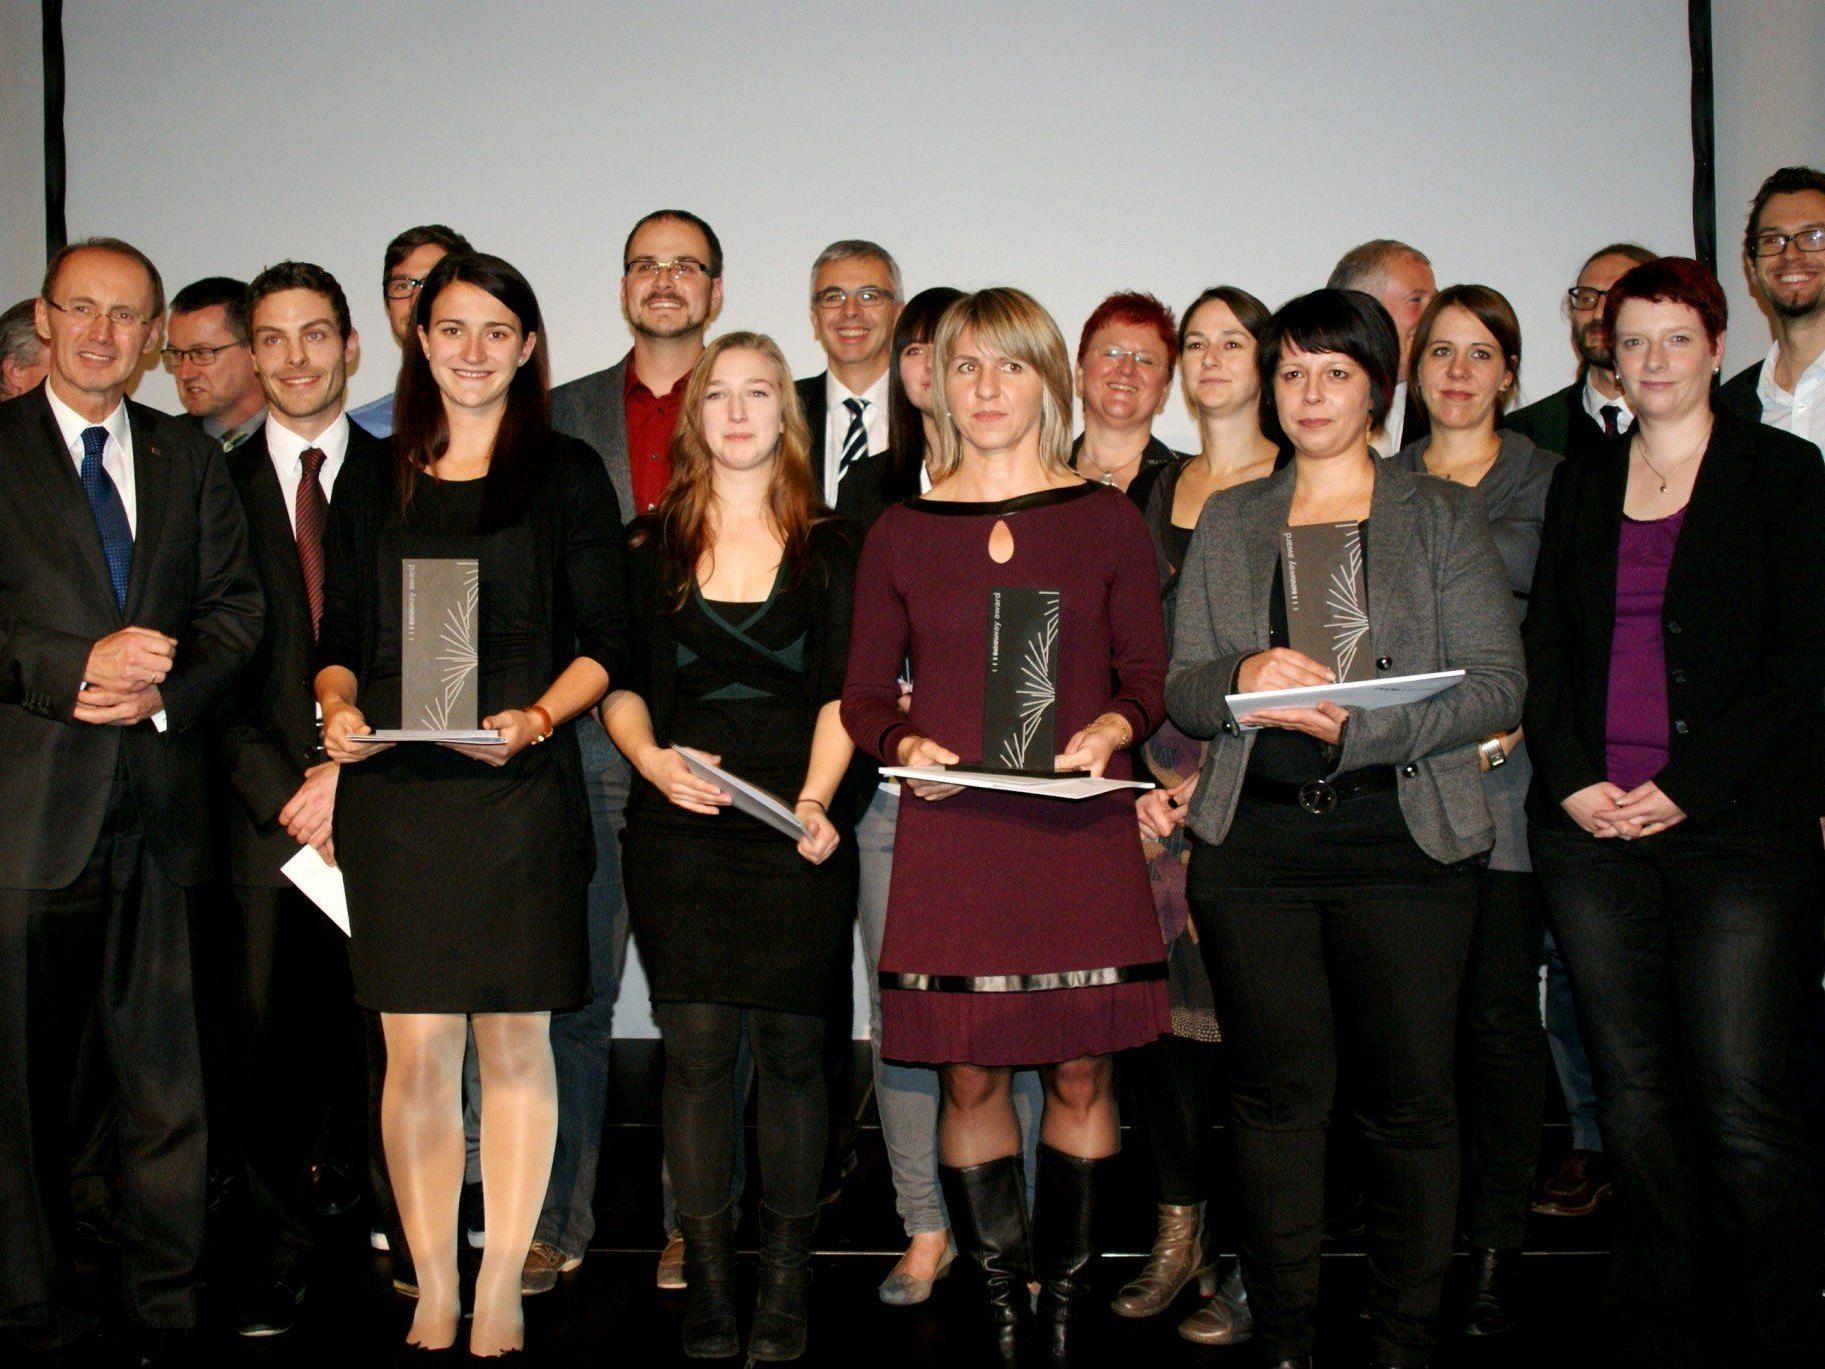 Die Preisträger des Newway Award 2013